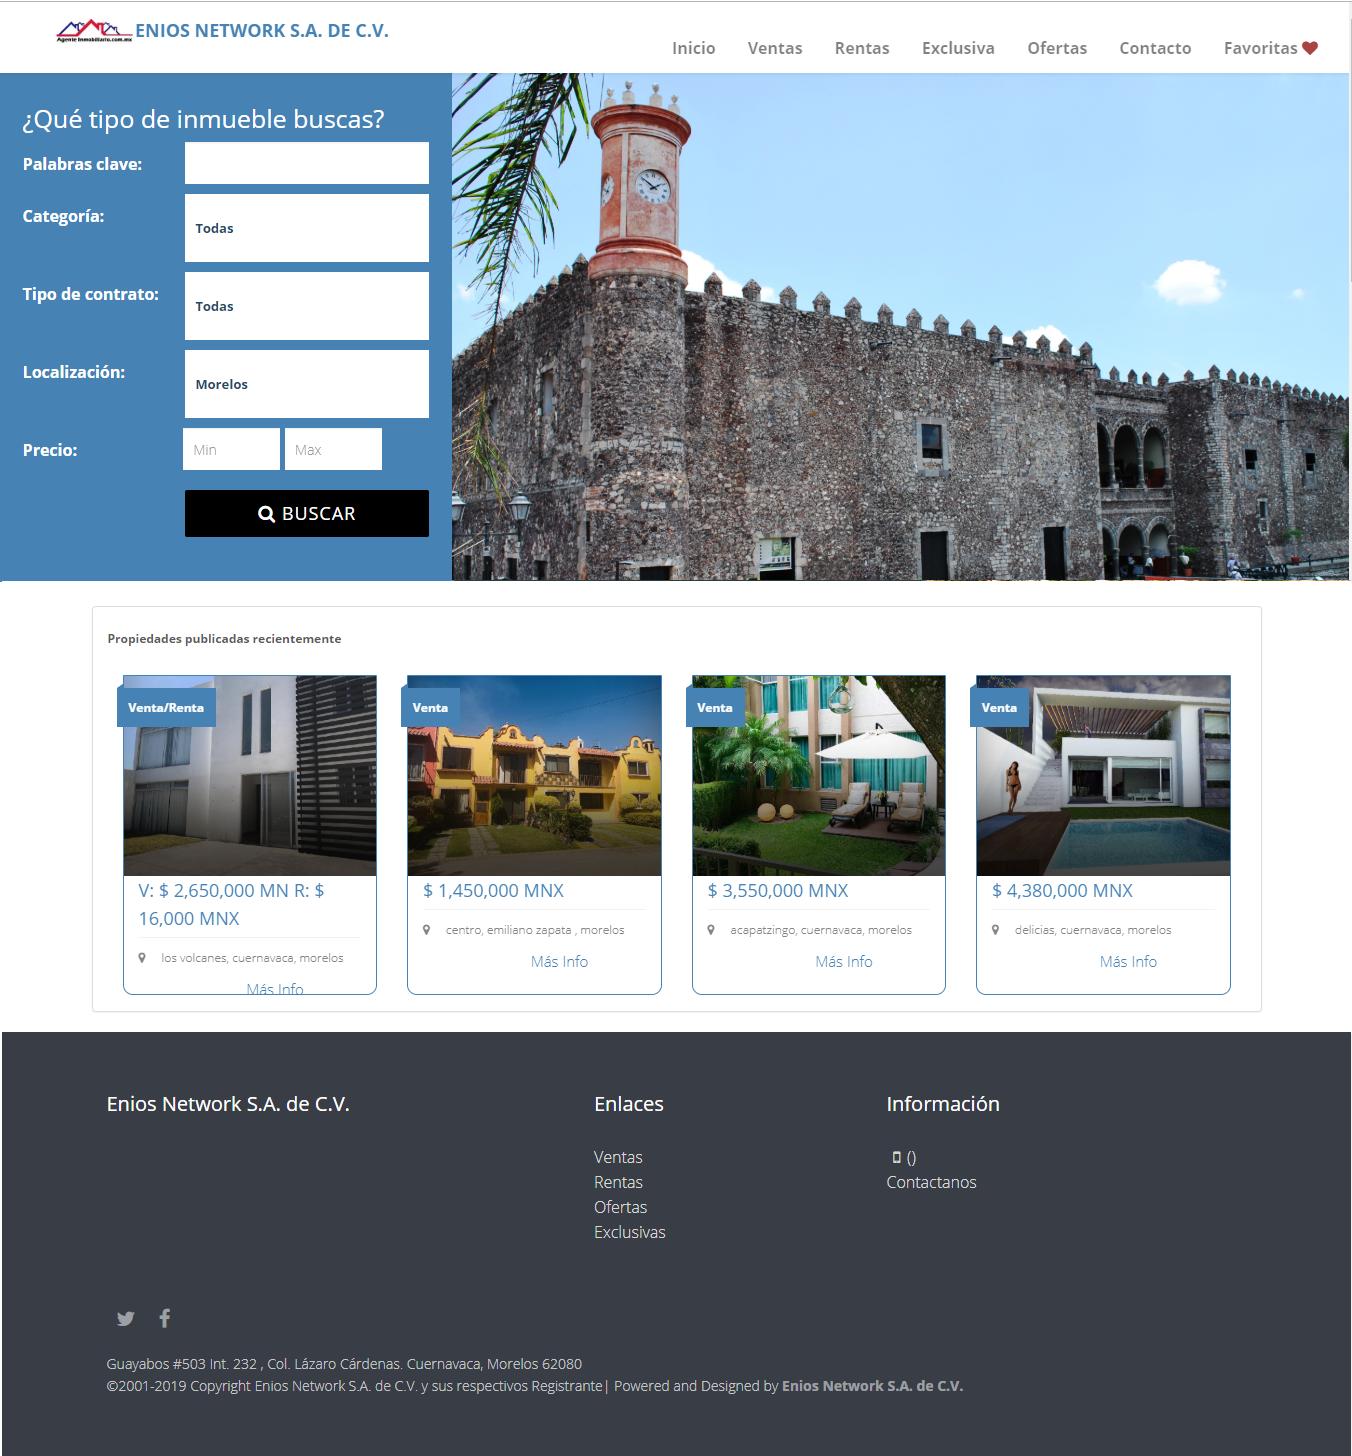 Aplicación de administación de propiedades